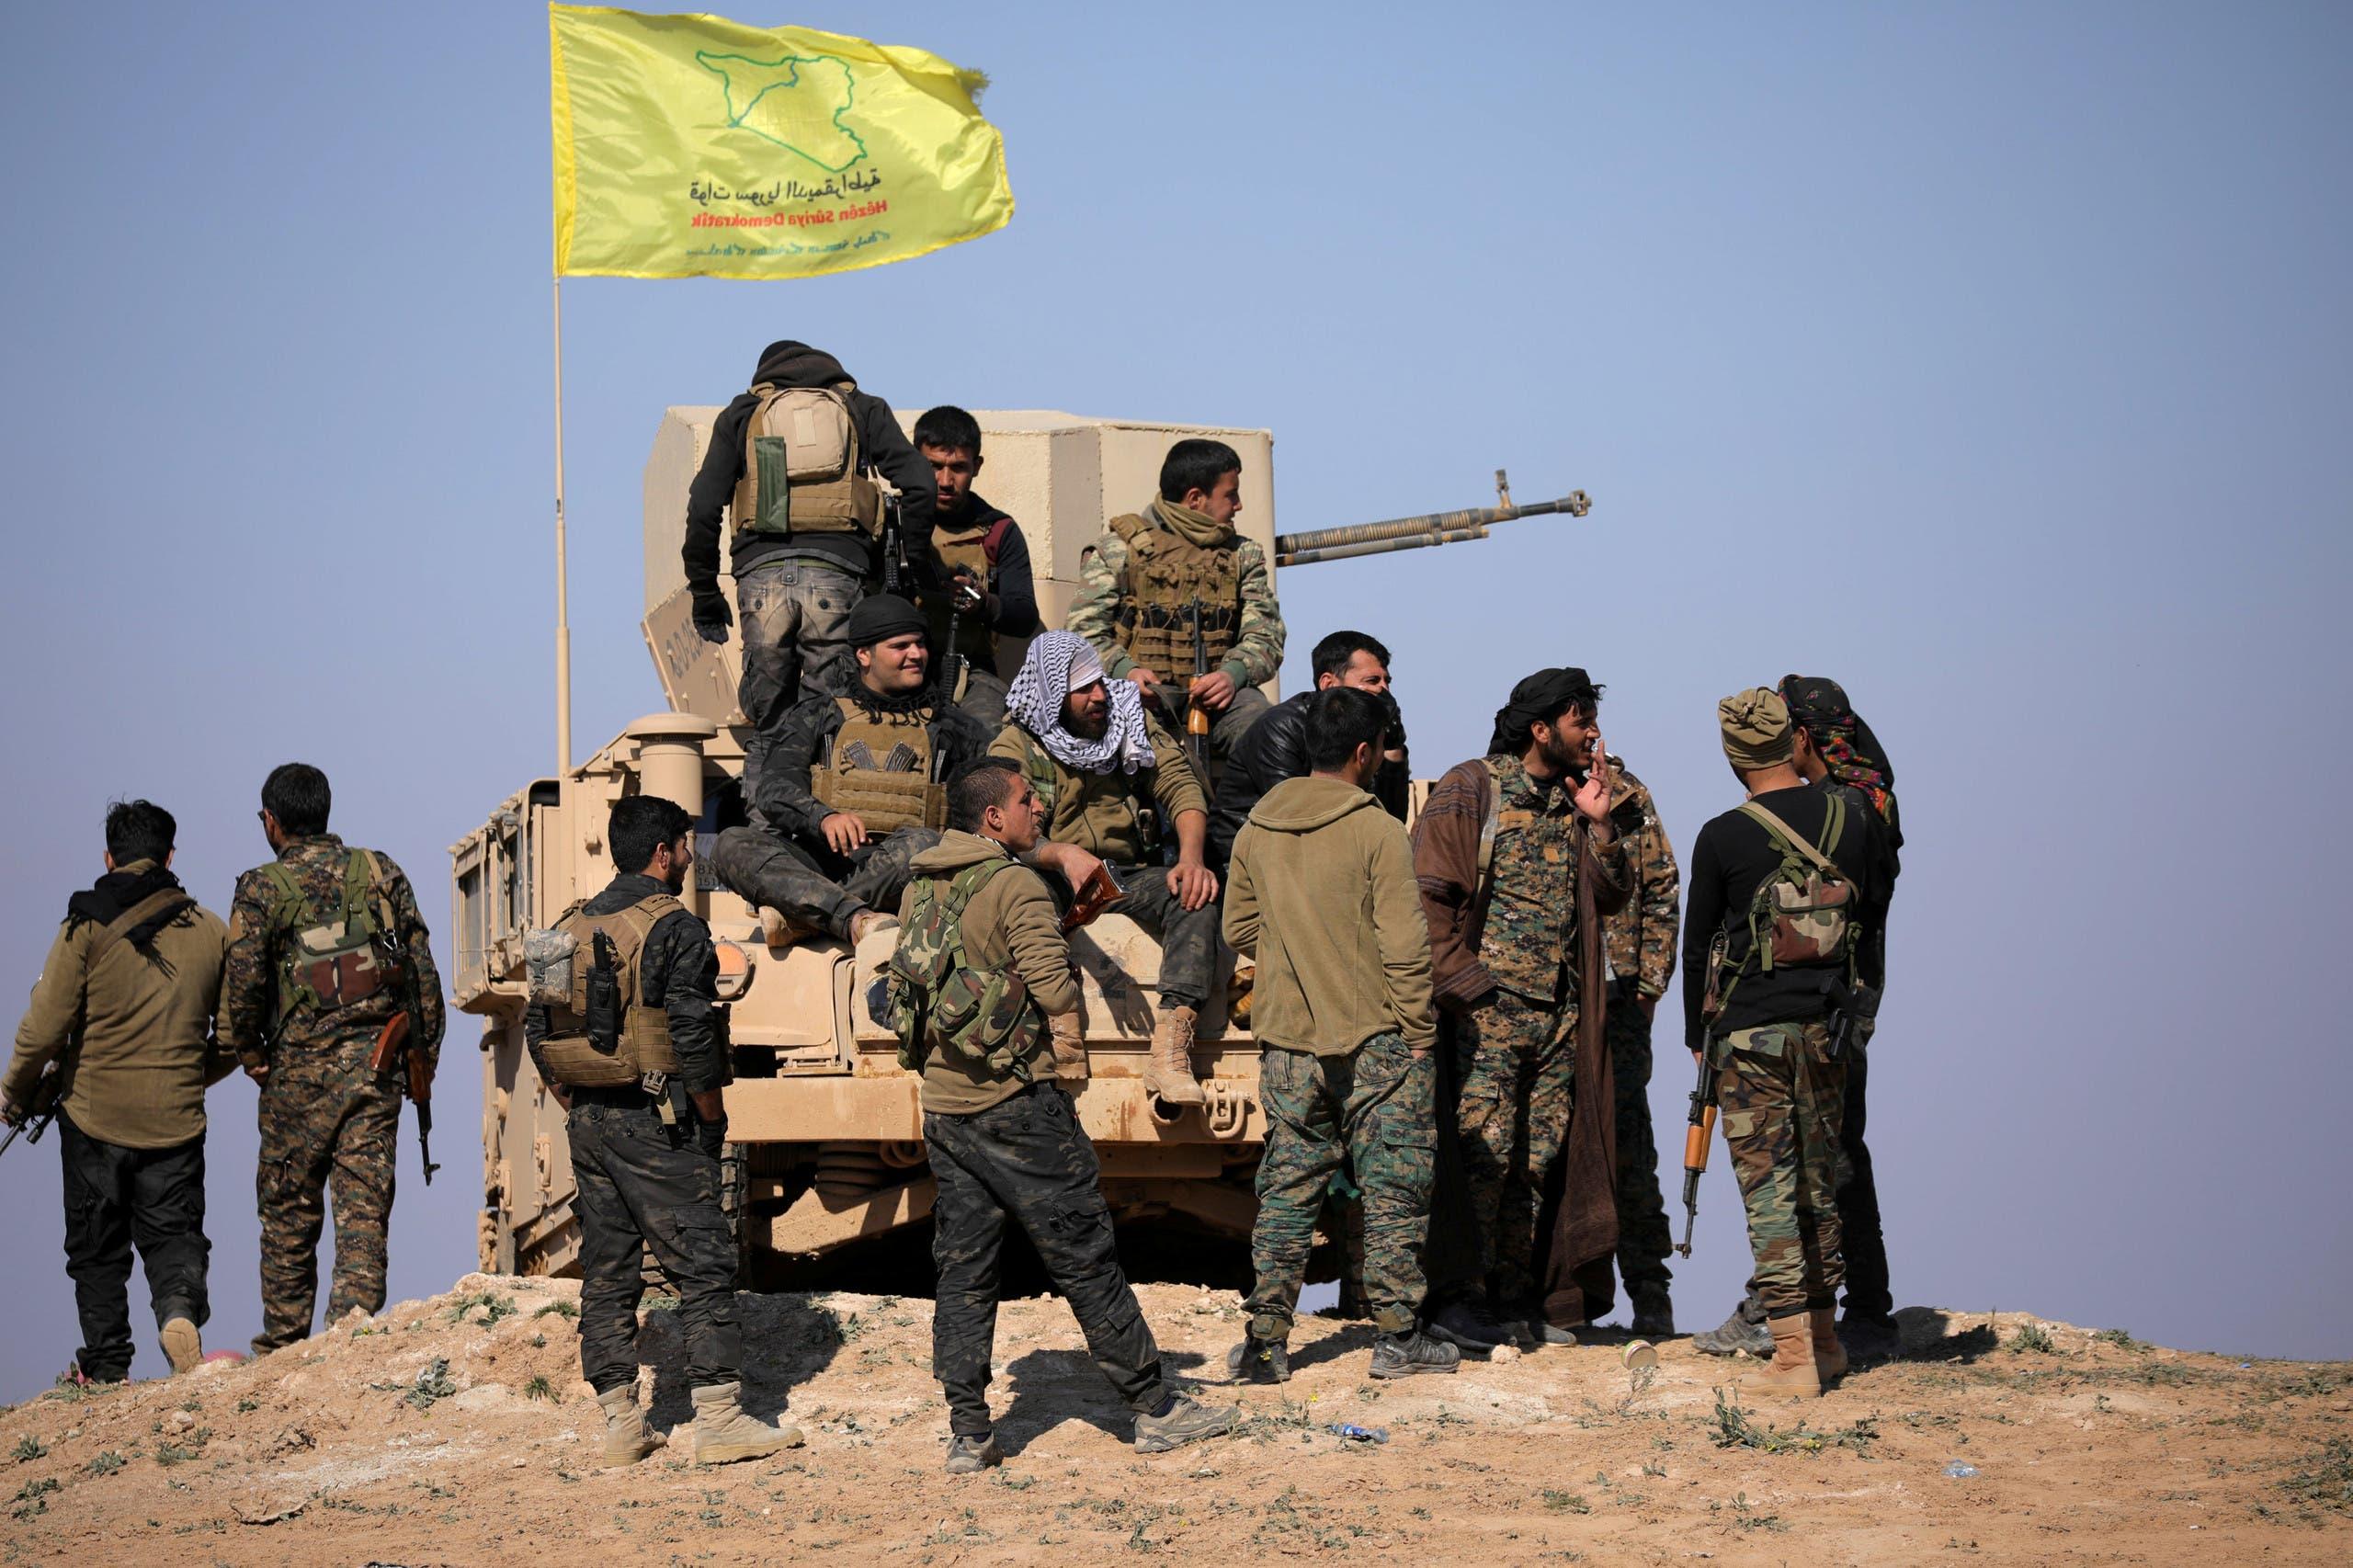 أفراد من قوات سوريا الديمقراطية قرب باغوز بدير الزور السورية